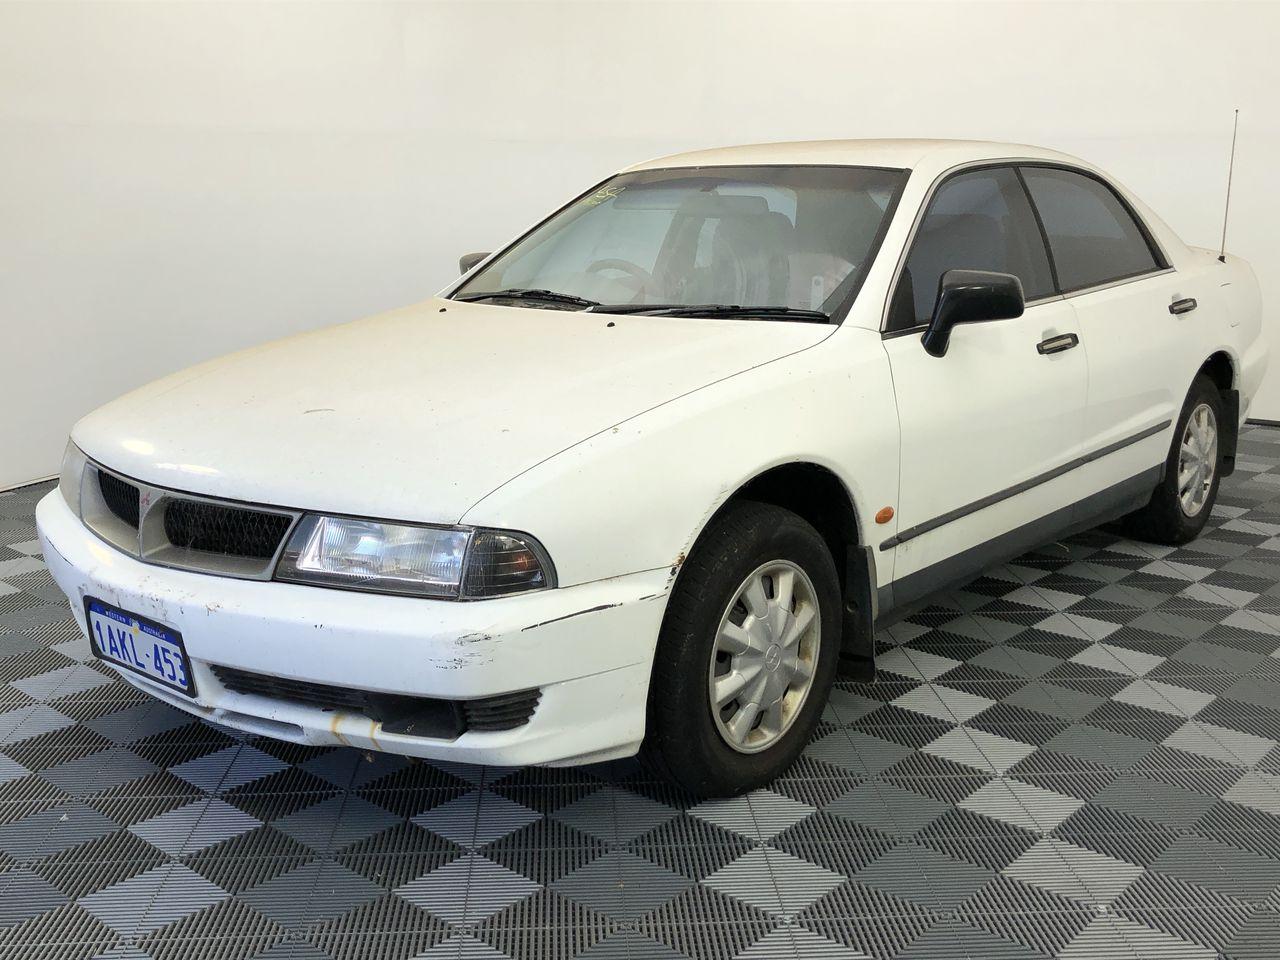 1999 Mitsubishi Magna Executive TH Automatic Sedan